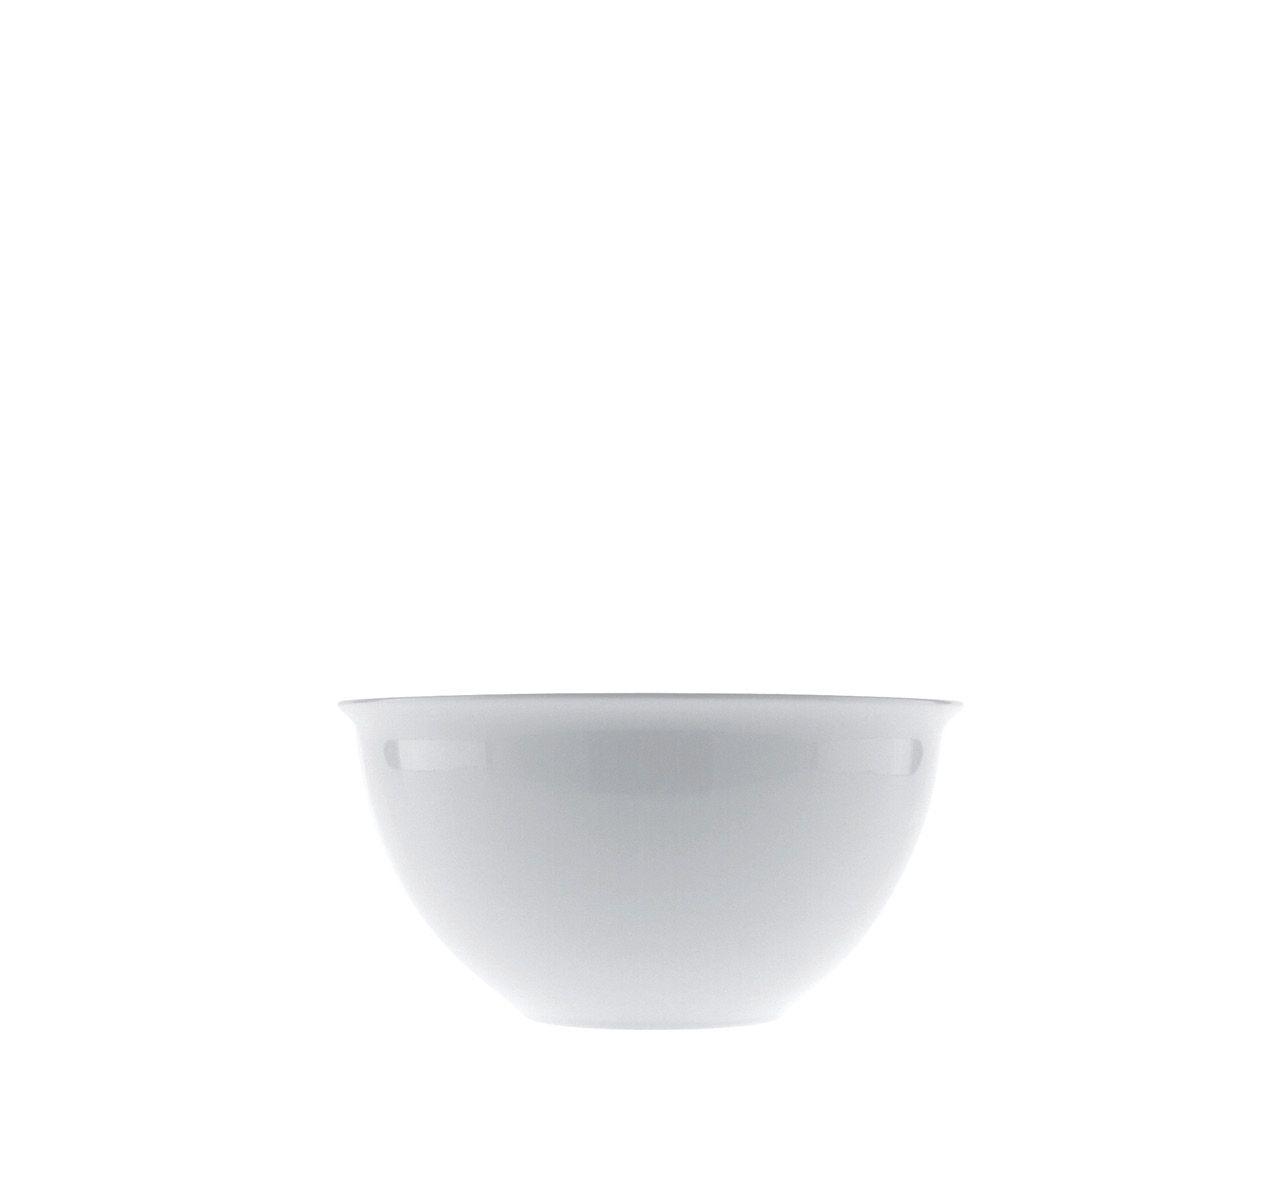 The White Snow Bowl 29